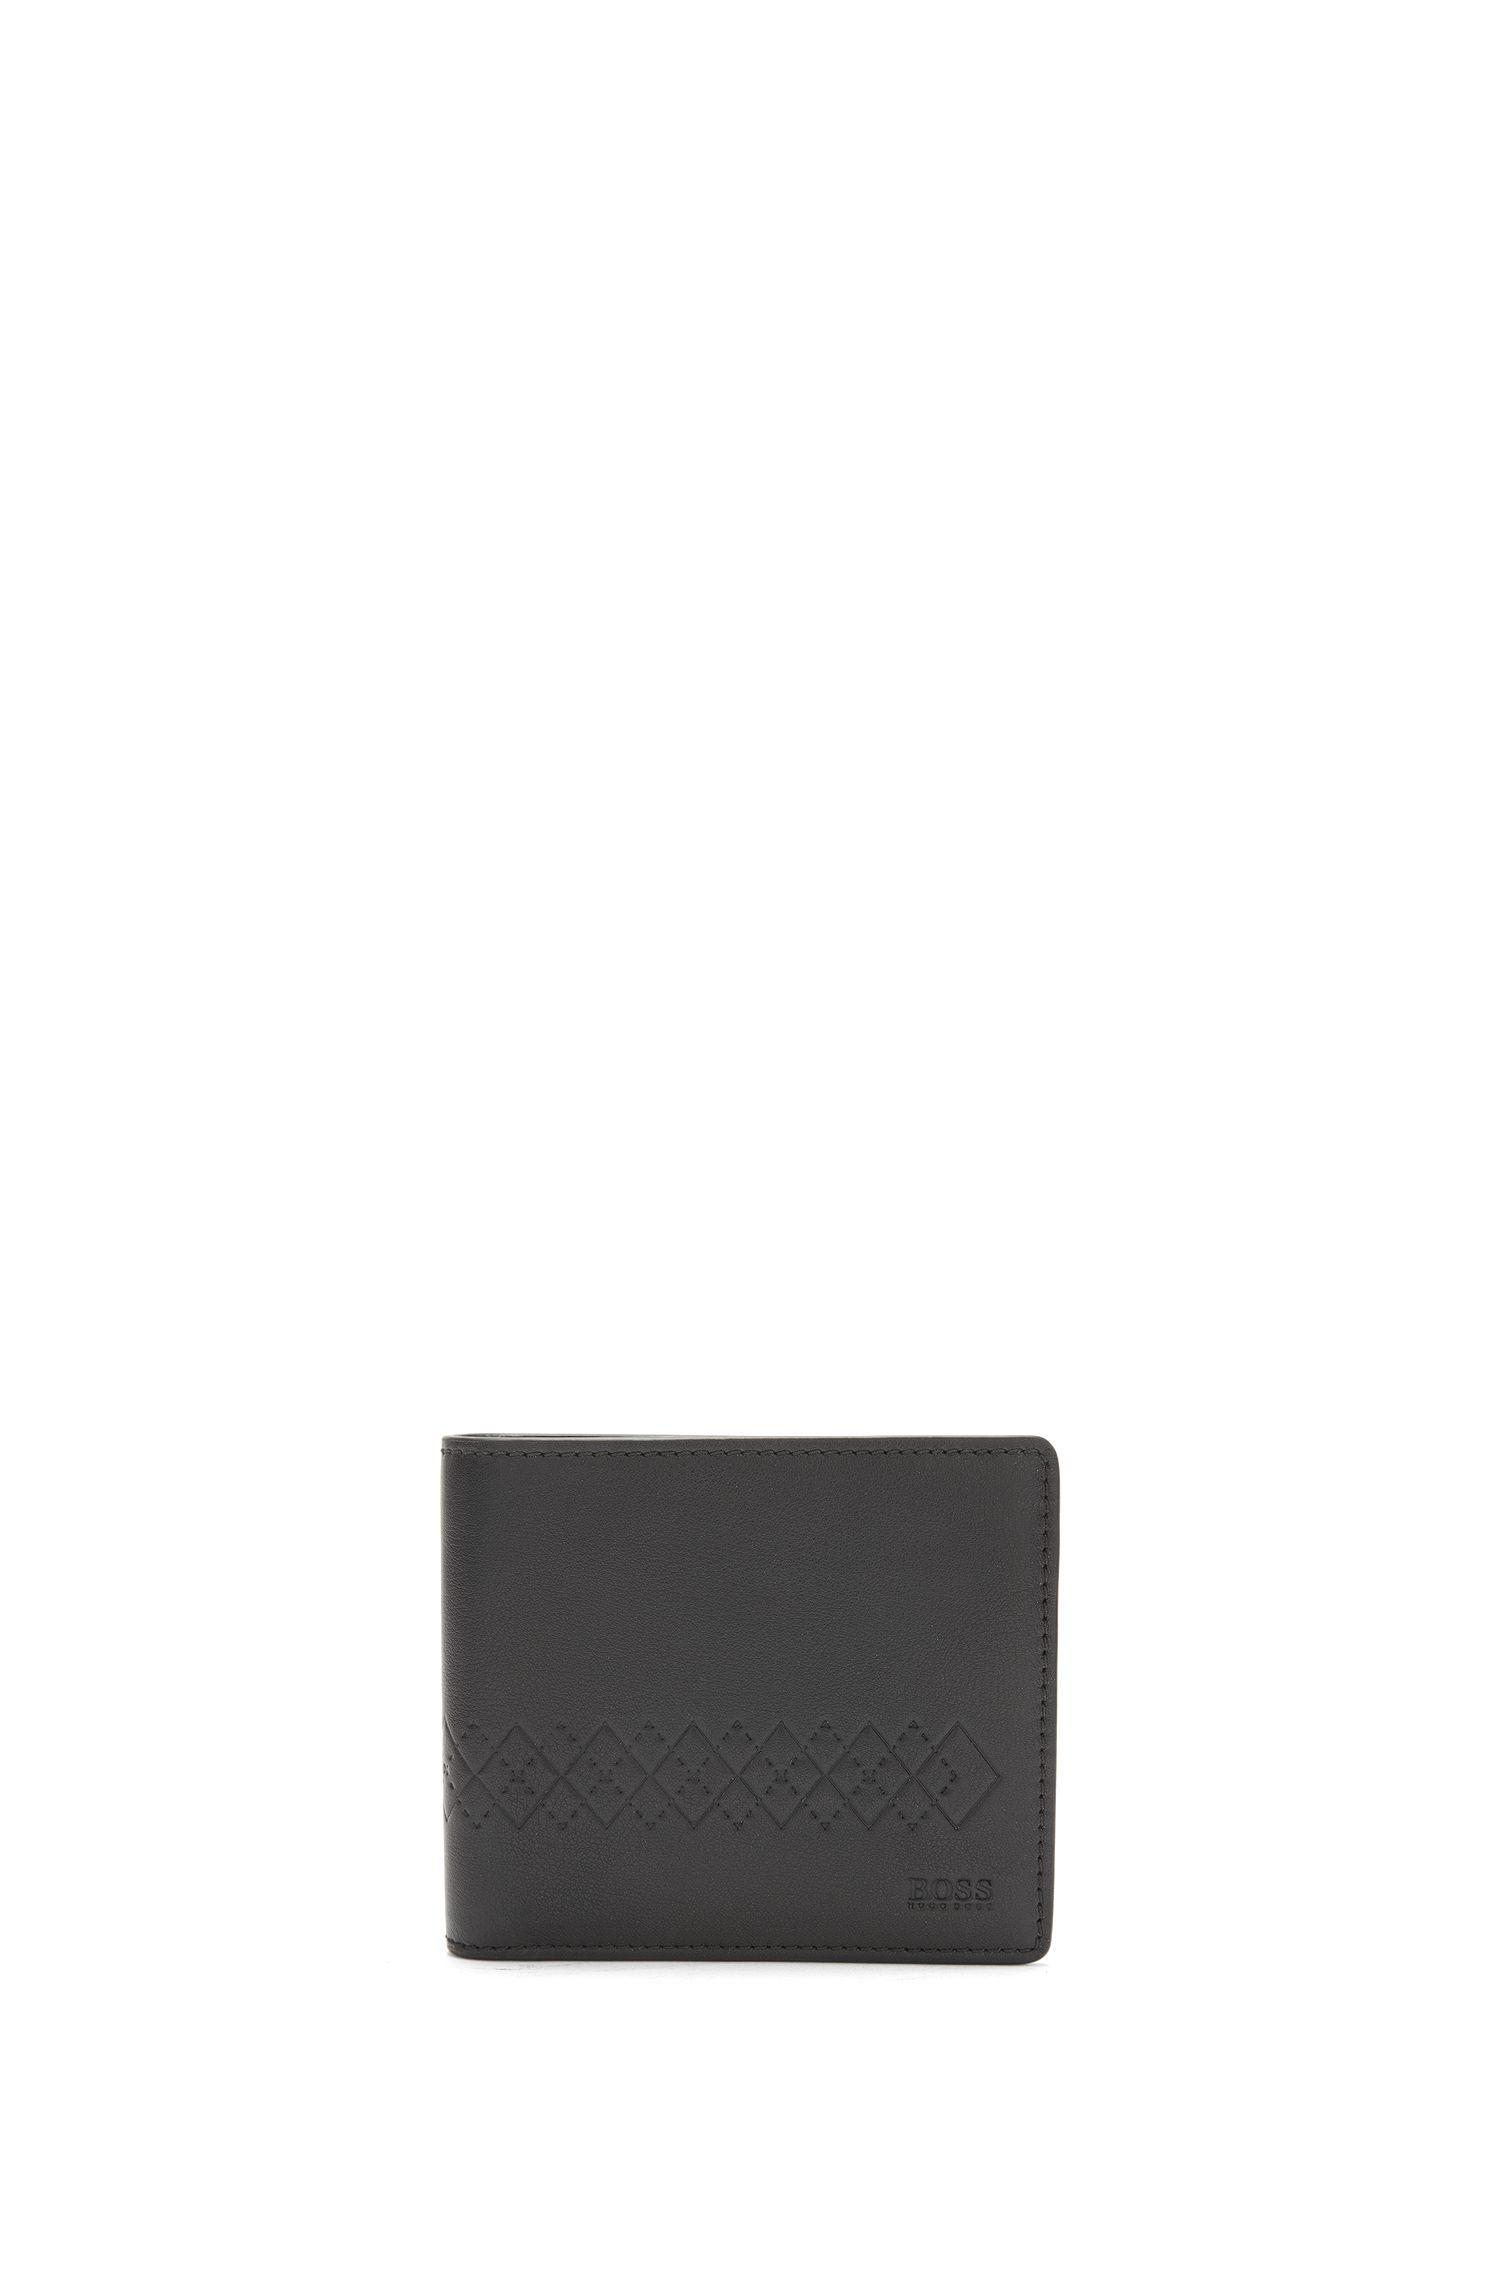 Piccolo set regalo con portafoglio e portachiavi in pelle con motivi goffrati